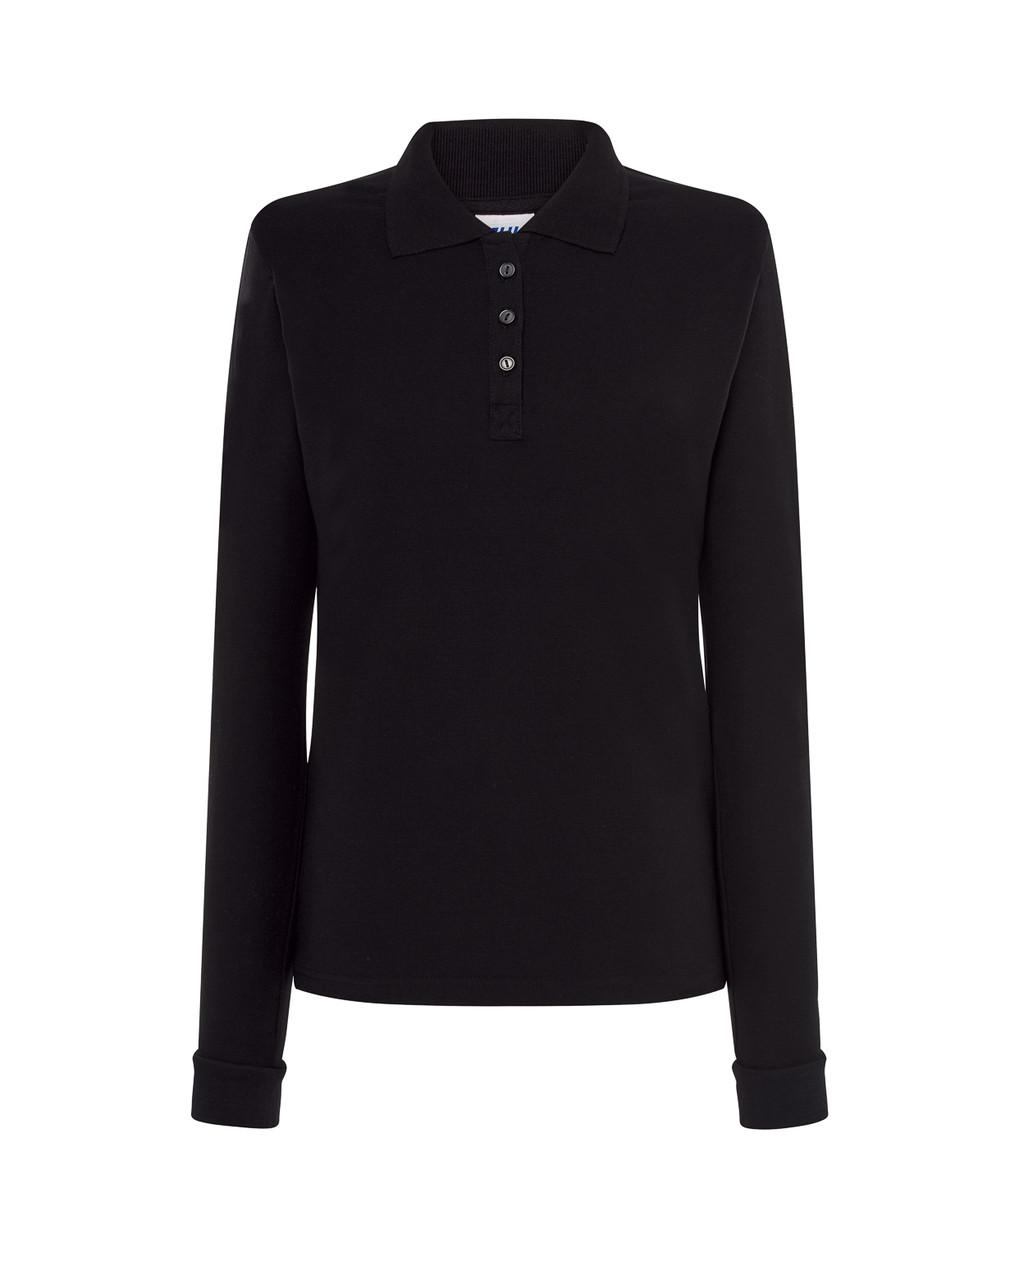 Женская футболка-поло JHK POLO REGULAR LADY LS цвет черный (BK)